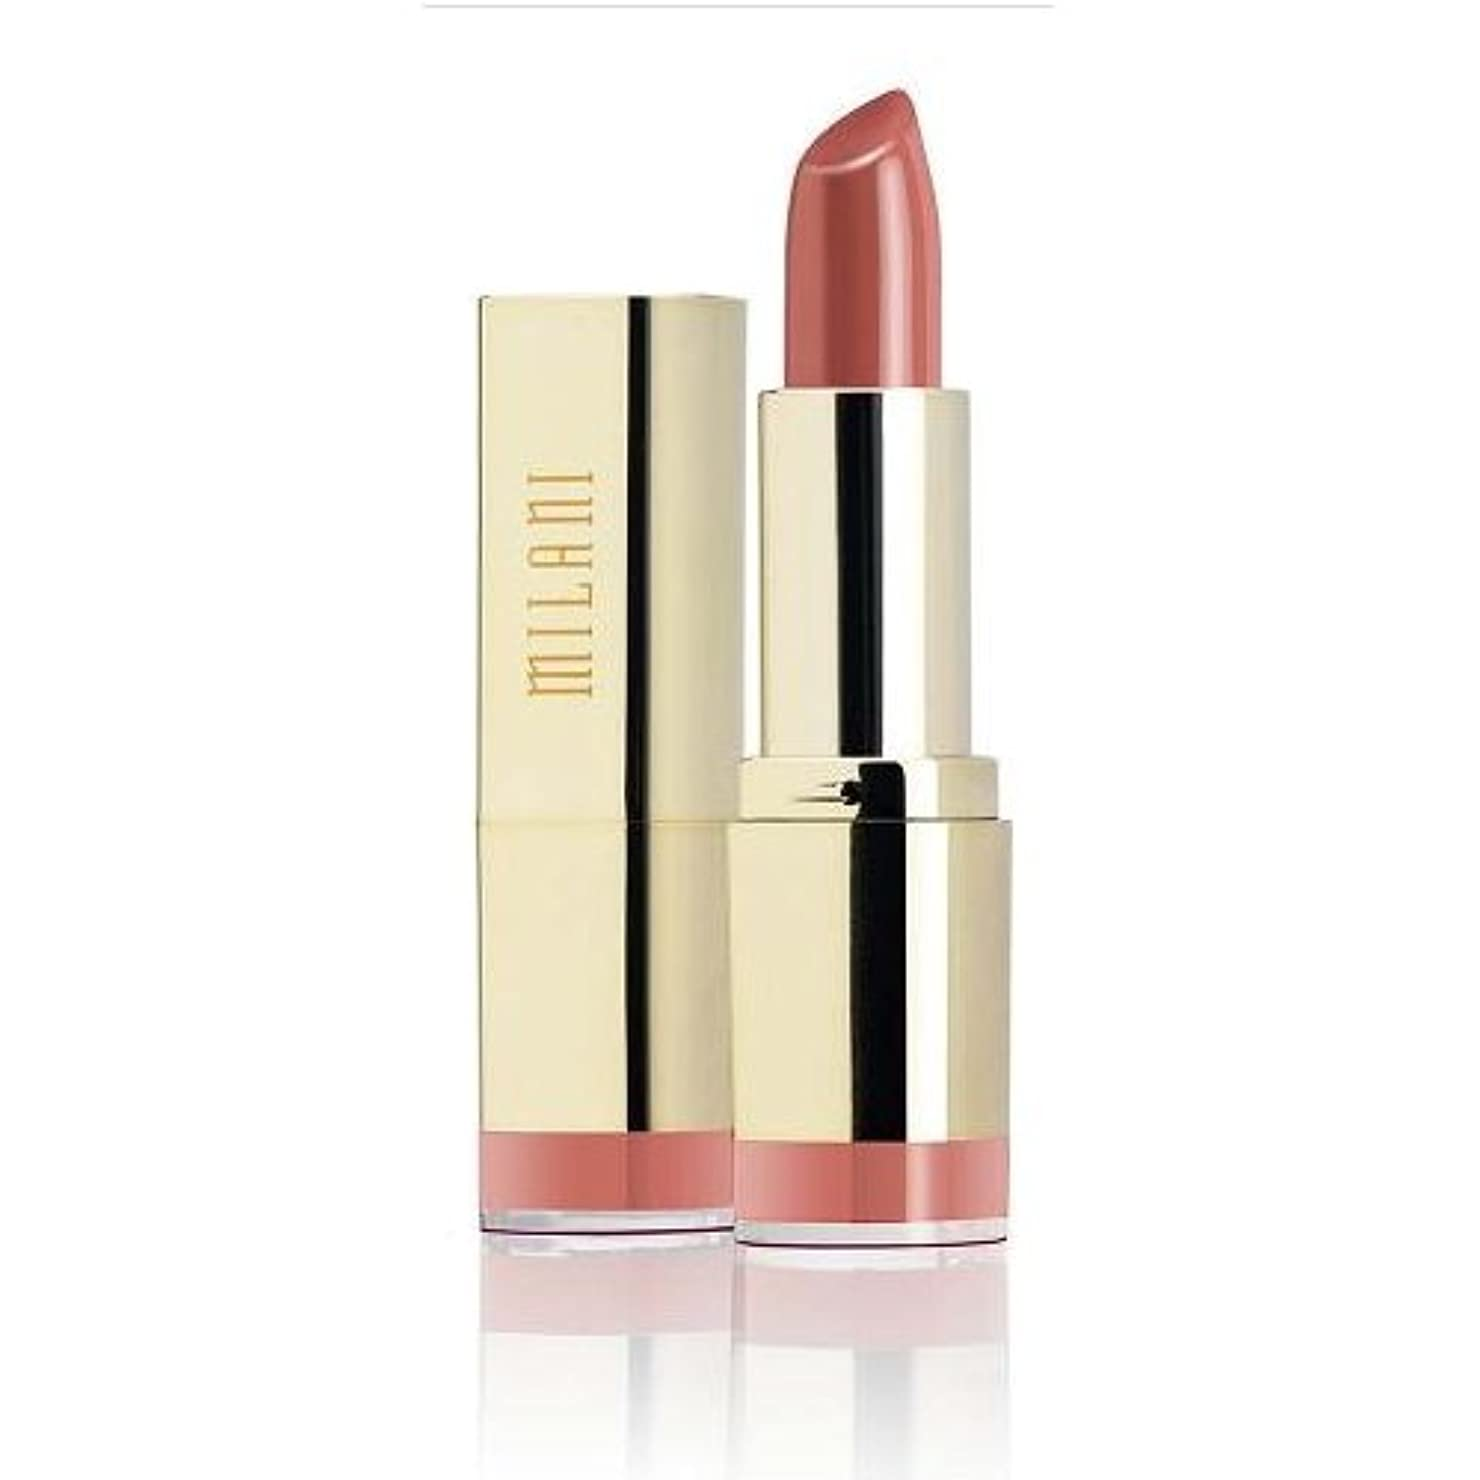 モード適合インペリアルMILANI Color Statement Lipstick - Naturally Chic (並行輸入品)